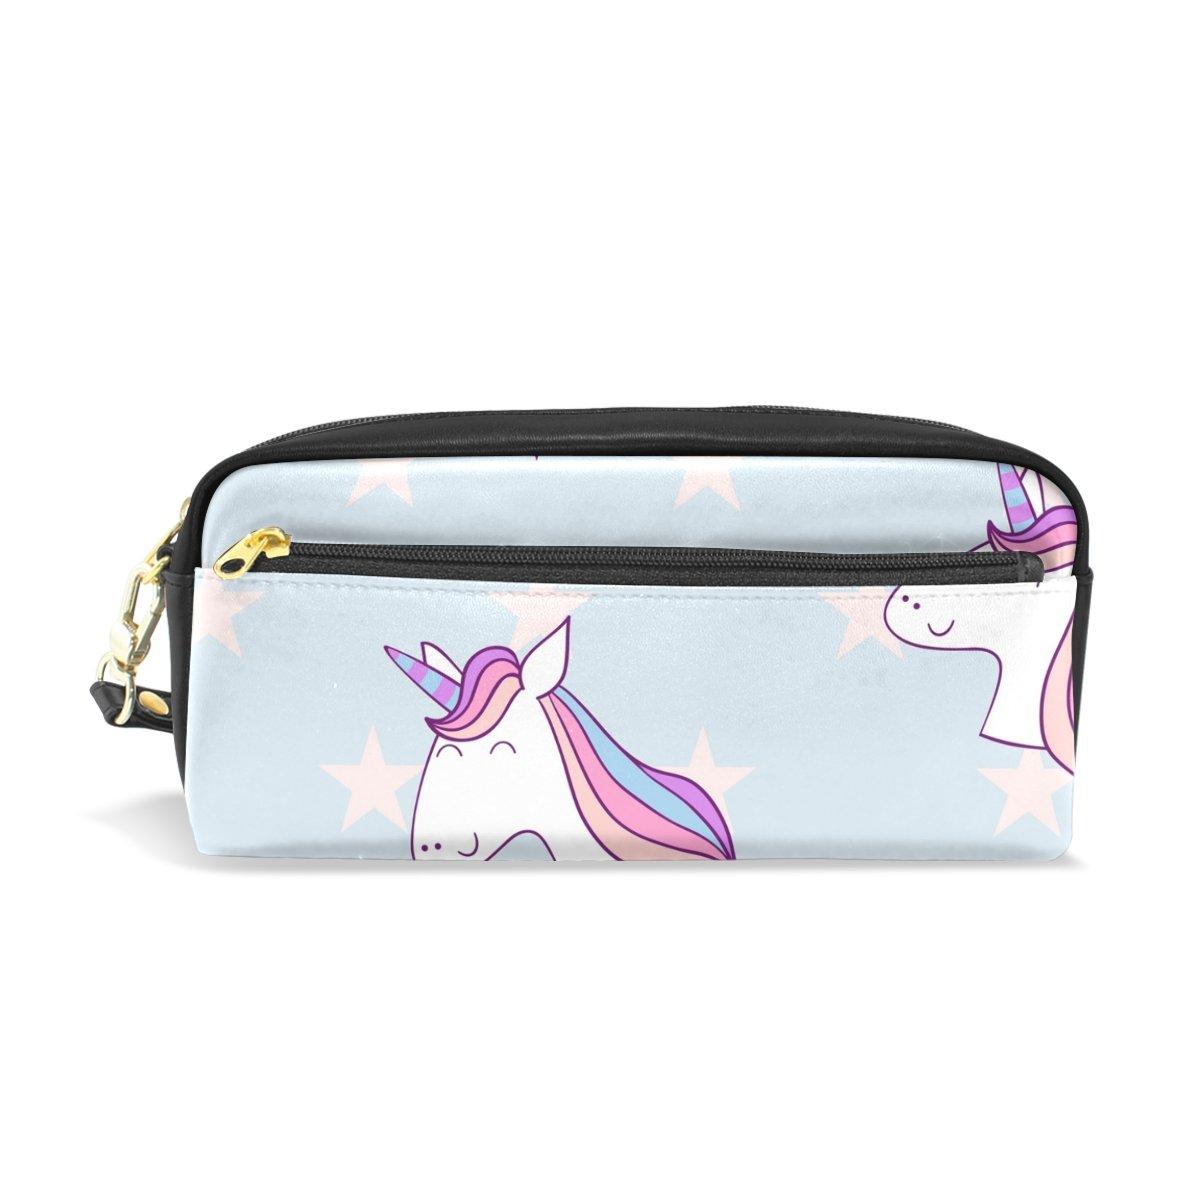 ISAOA Estuche de gran capacidad con cremallera para artículos de papelería Unicornio con estrellas bolígrafo bolsa de maquillaje cosmético para niñas y niños: Amazon.es: Oficina y papelería